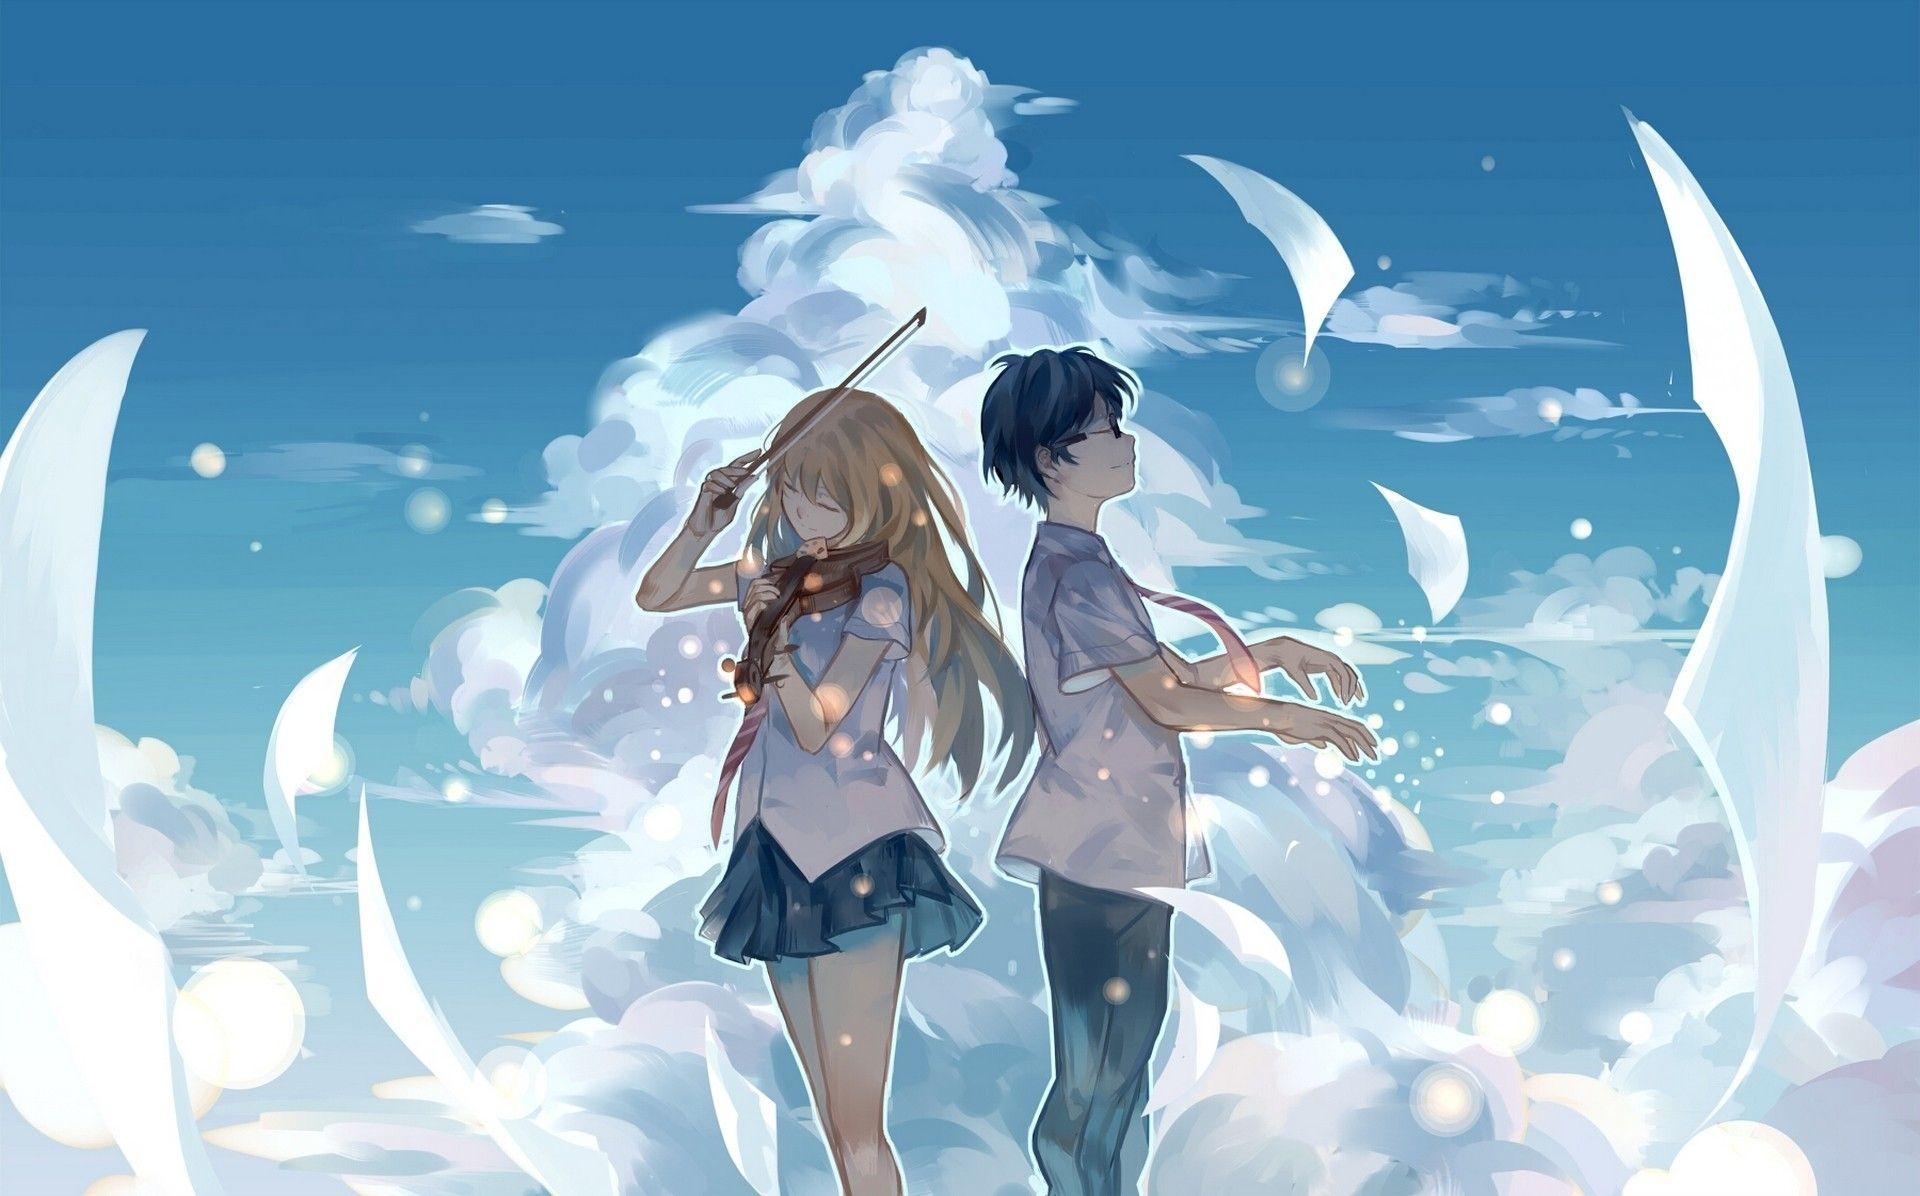 Kaori Miyazono Kōsei Arima Shigatsu Wa Kimi No Uso Gambar Anime Pasangan Anime Lucu Seni Anime